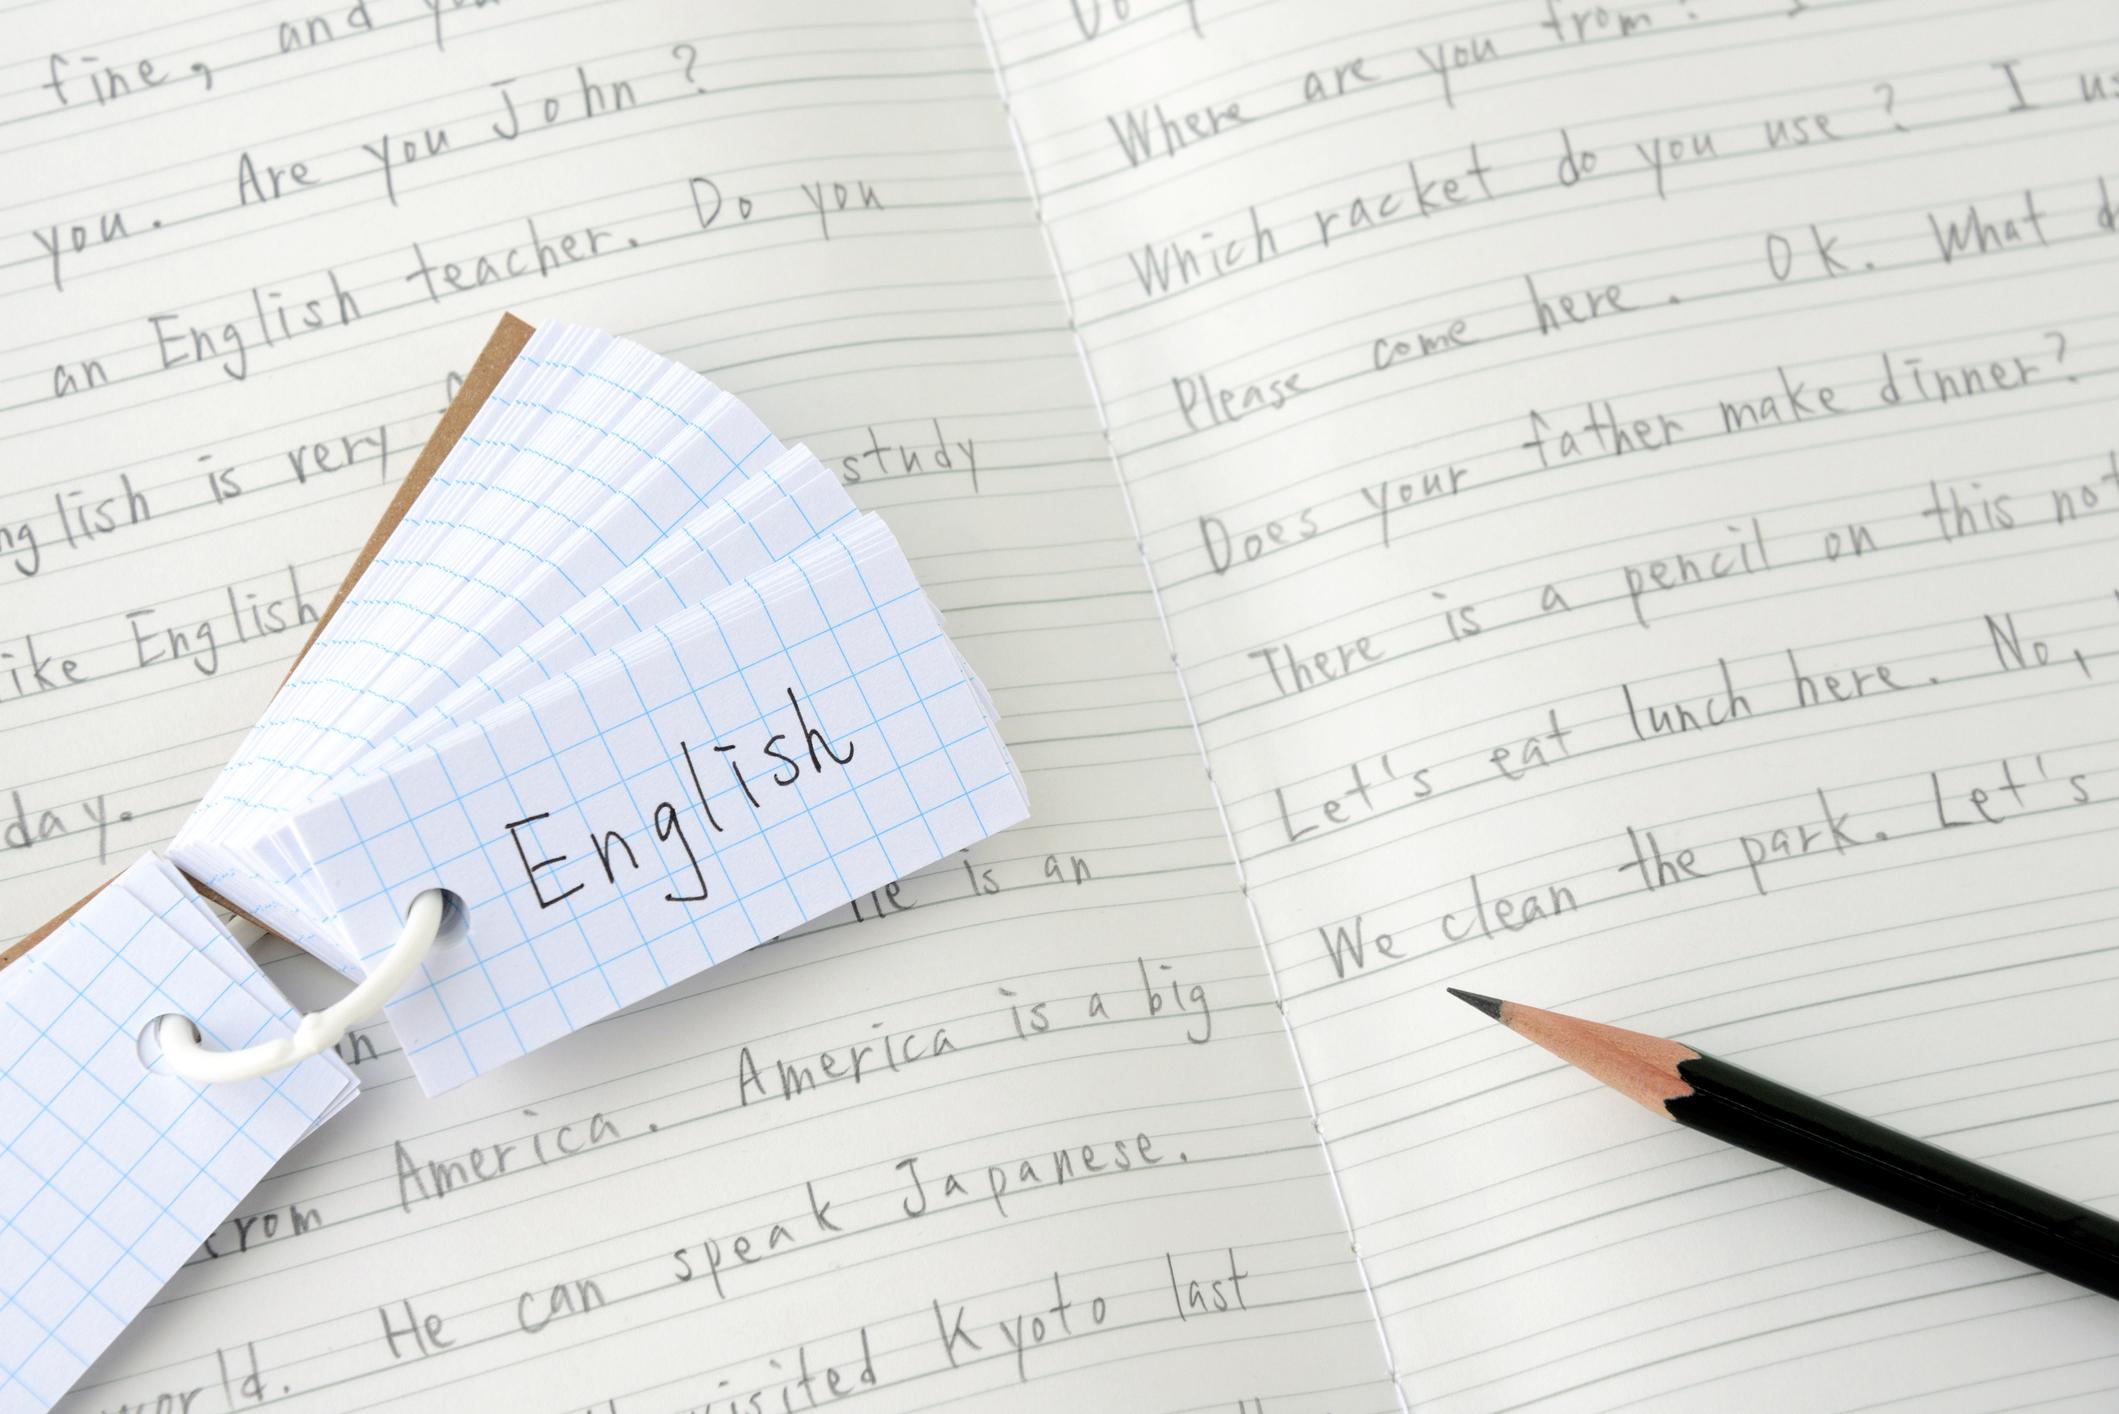 Menggunakan flashcards merupakan salah satu cara efektif melatih vocab bahasa Inggris anak - Edu2Review